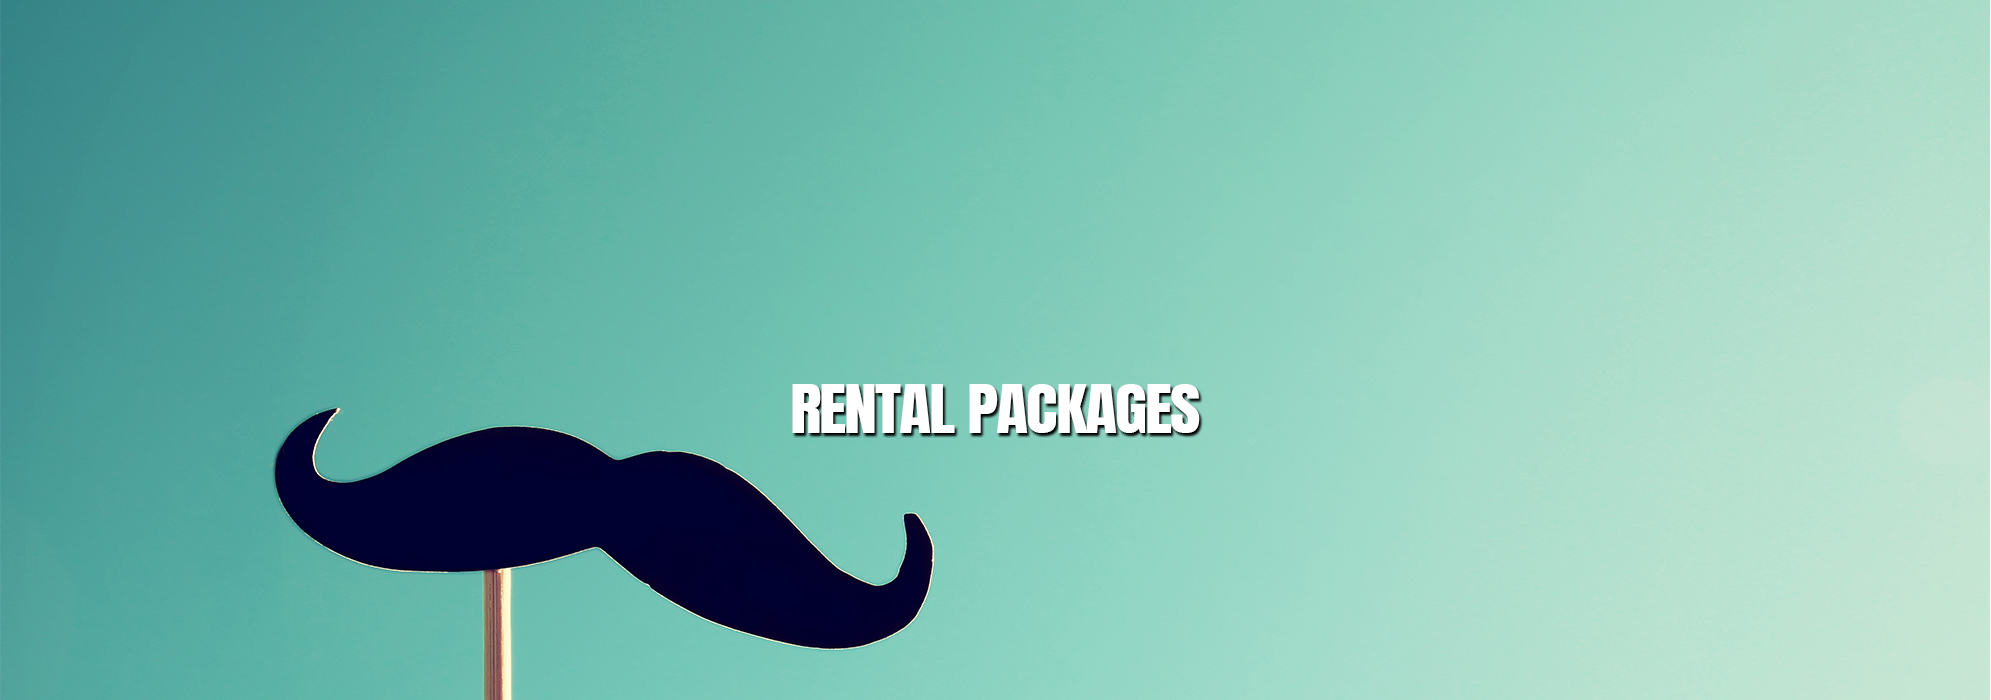 RentalPackagesNew